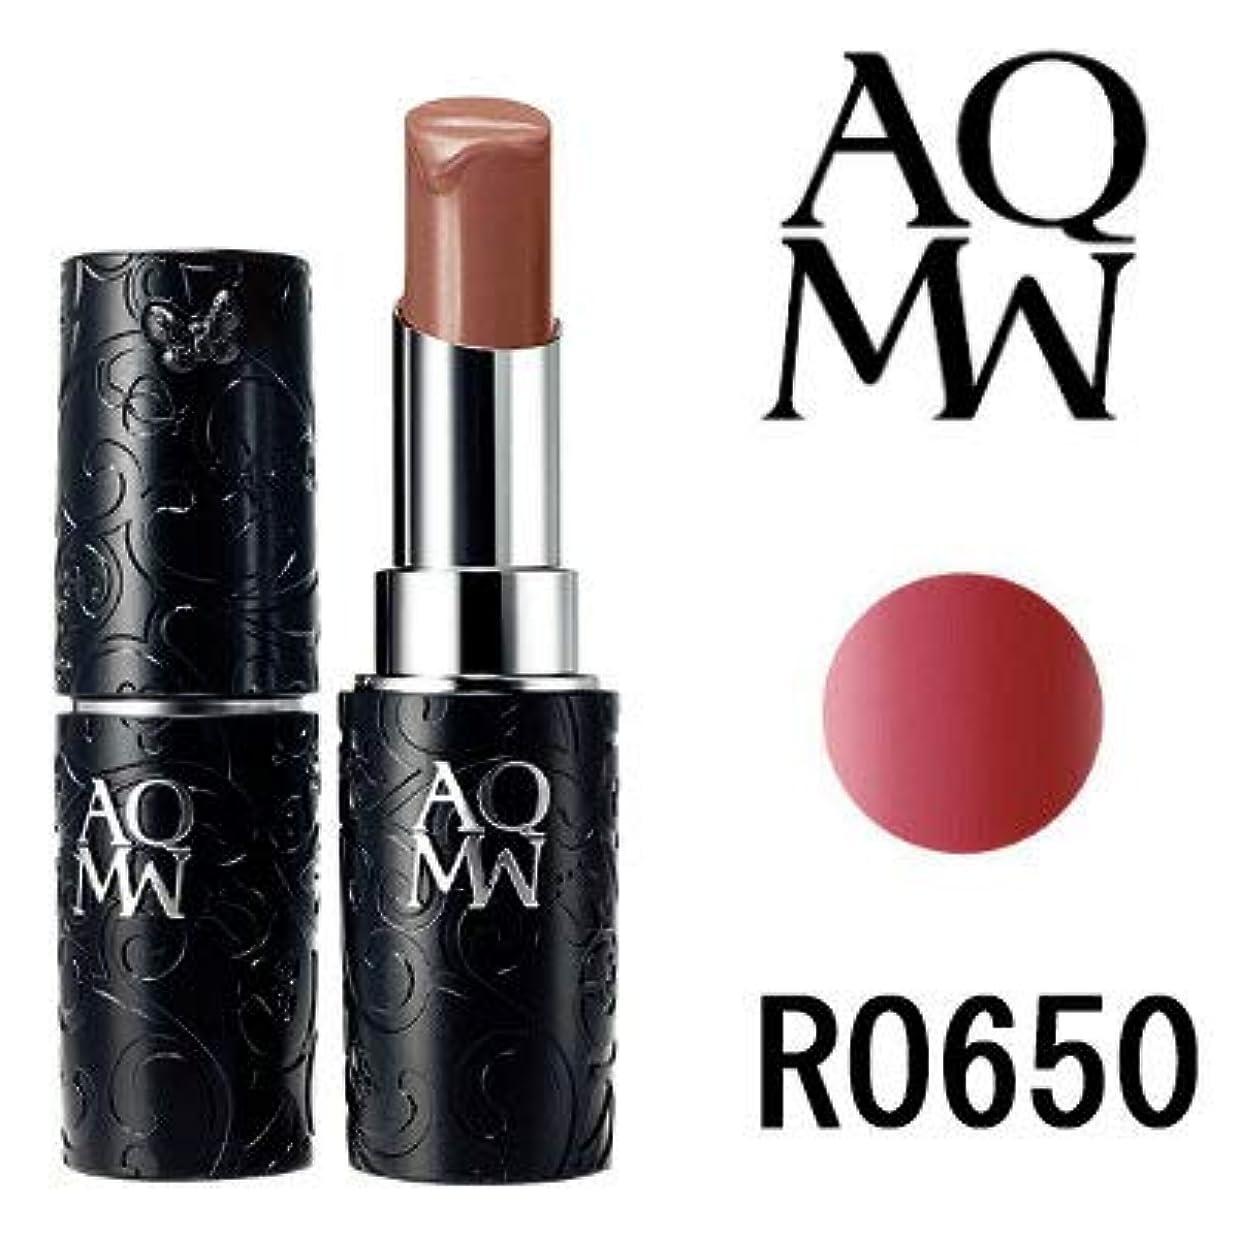 カテゴリー手段アシスタントコーセー コスメデコルテ AQMW ルージュグロウ RO650 3g